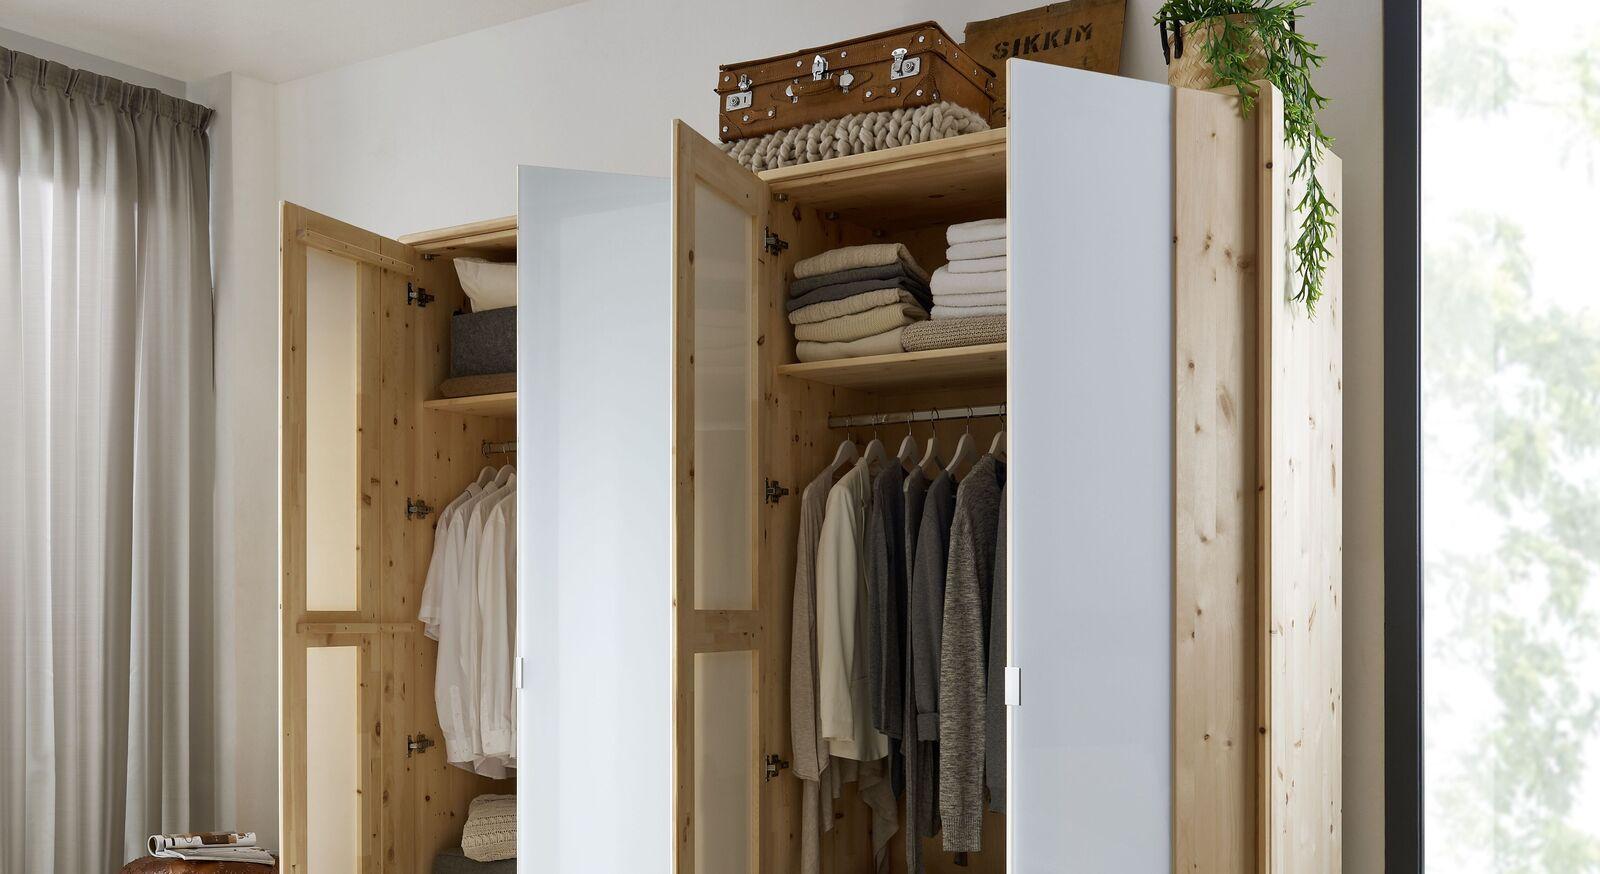 Drehtüren-Kleiderschrank Luanda mit Basic-Innenausstattung